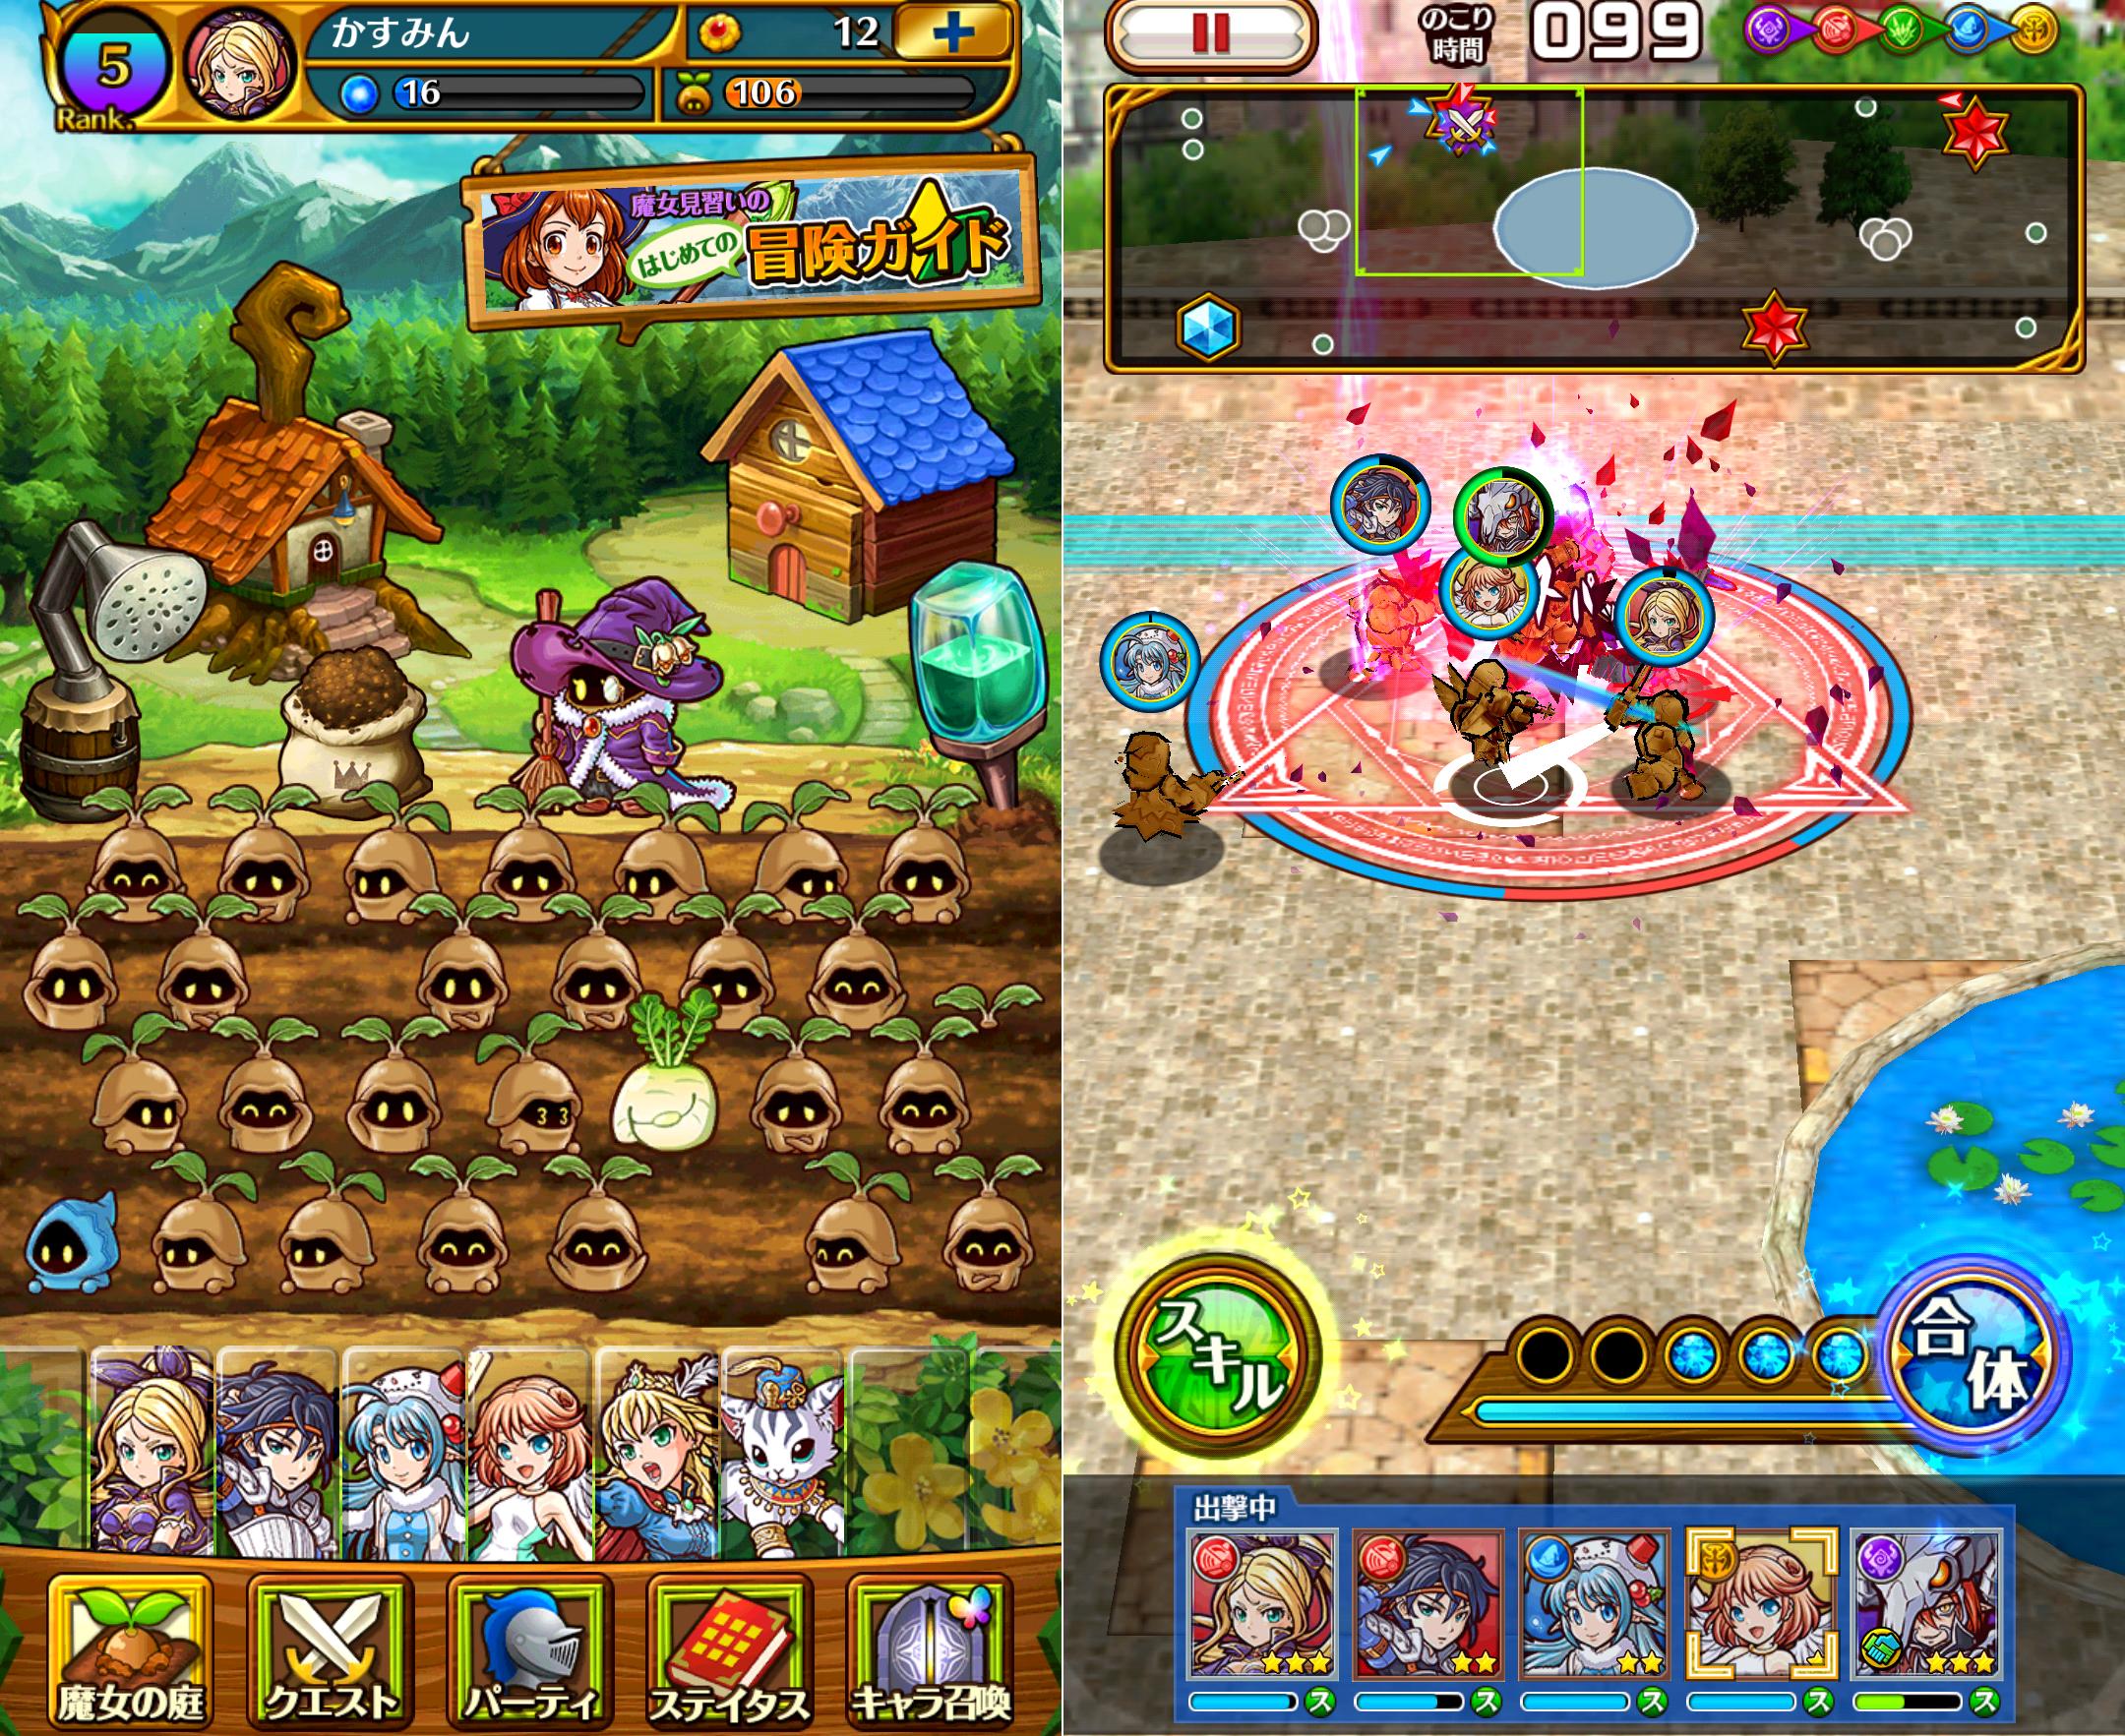 合体RPG 魔女のニーナとツチクレの戦士 androidアプリスクリーンショット3